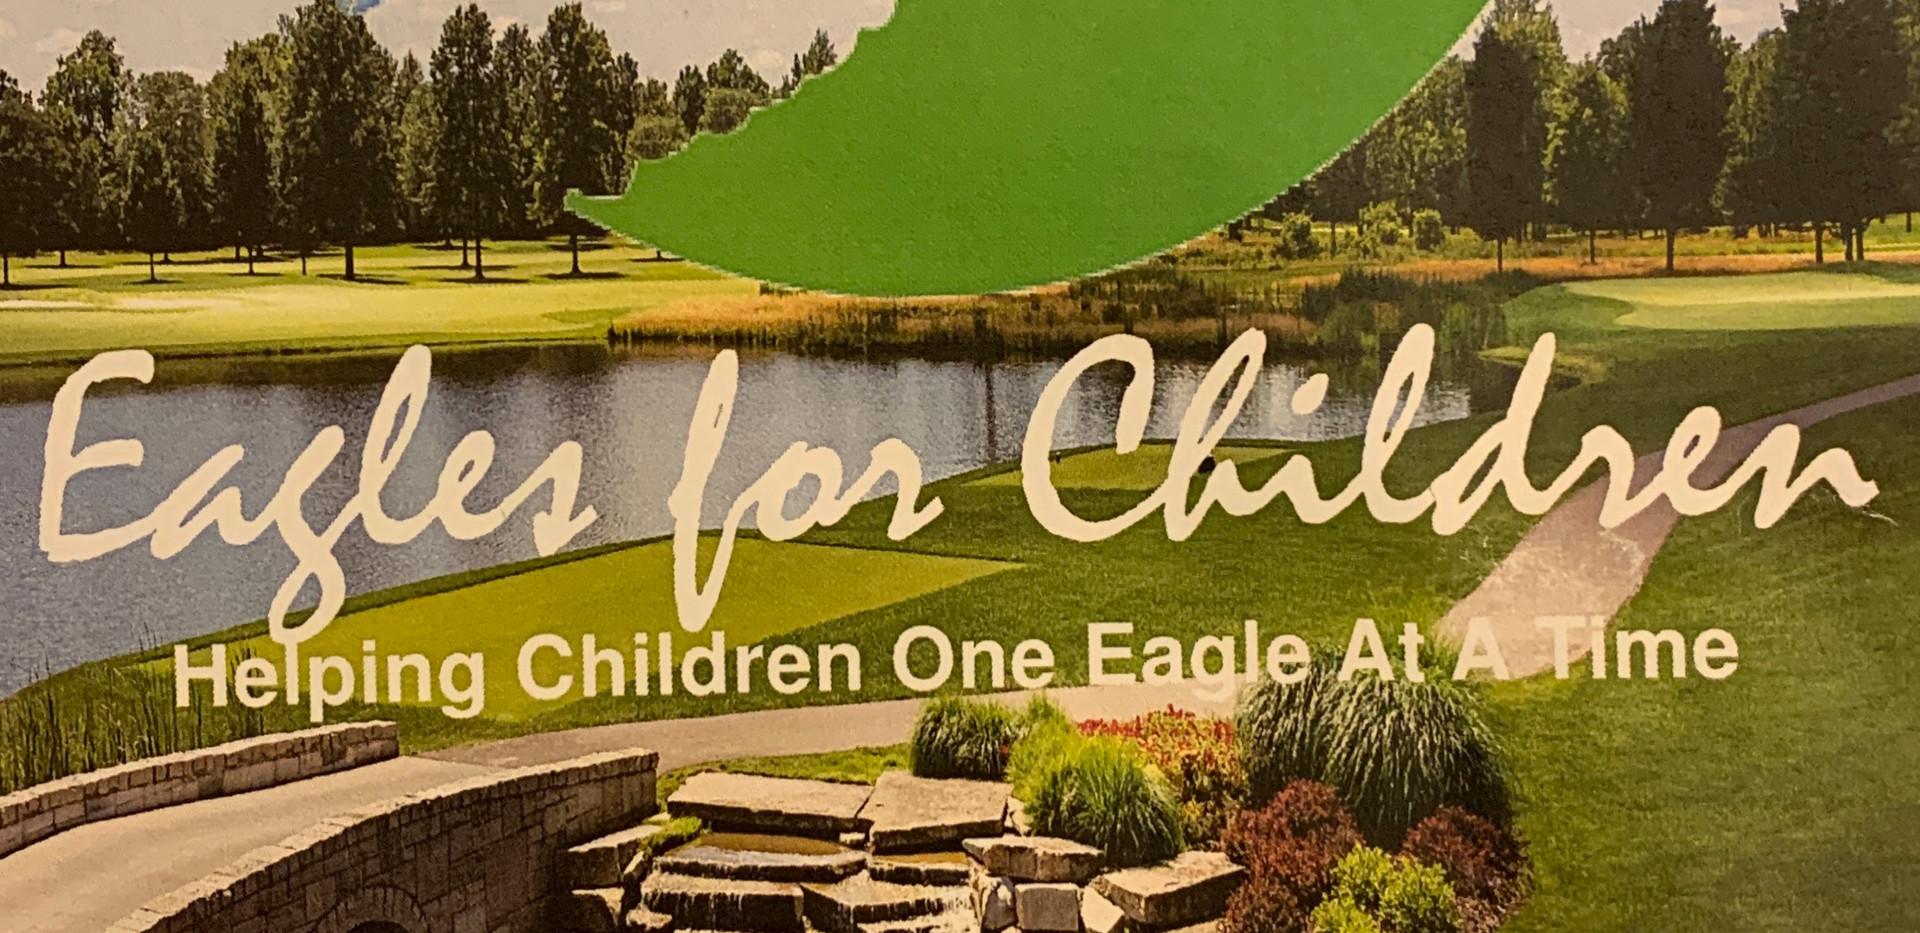 EAGLES FOR CHILDREN GRANT